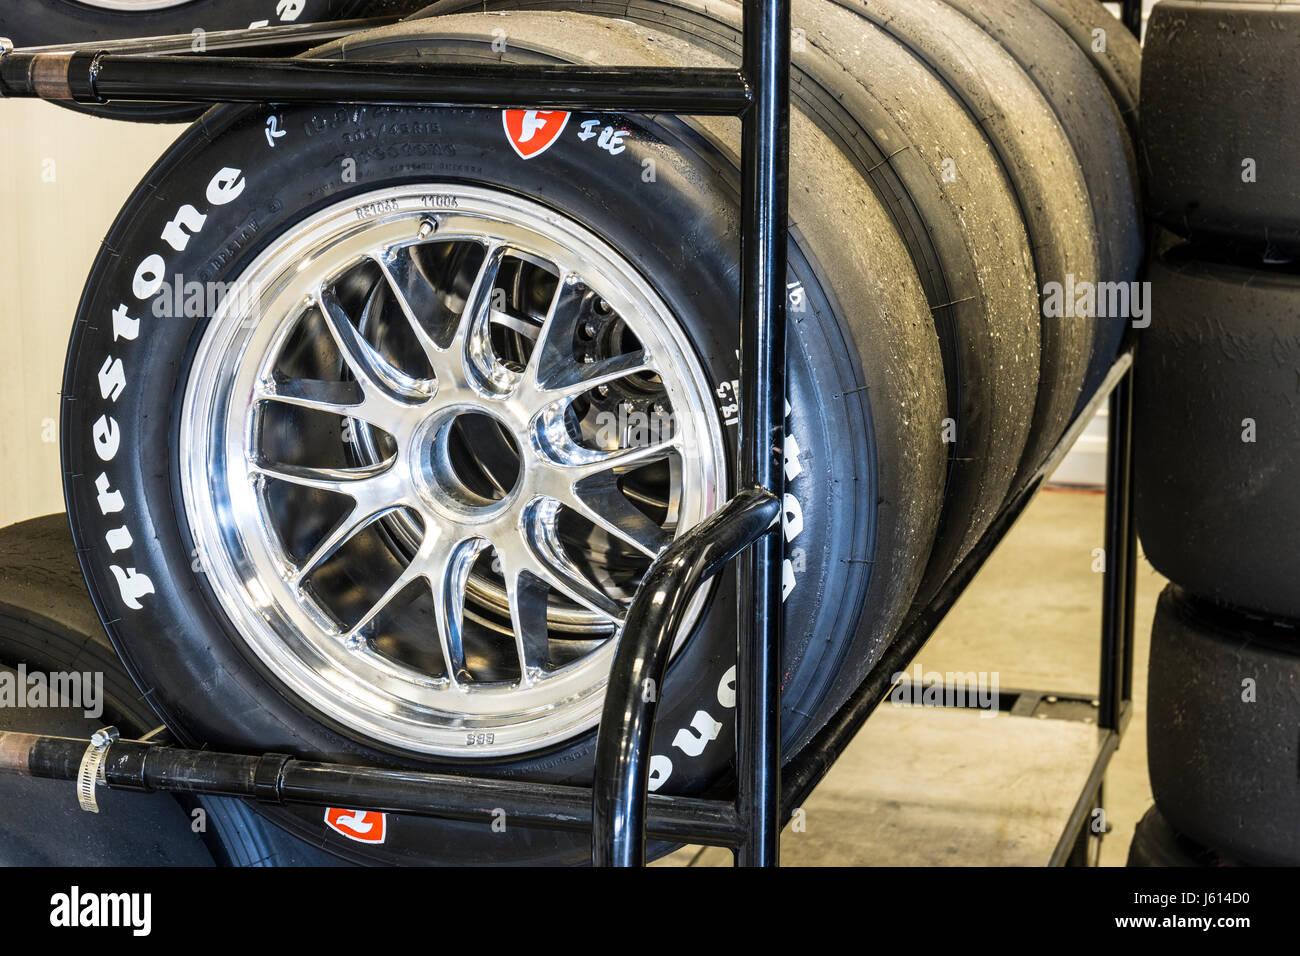 Indianapolis - Alrededor de mayo de 2017: los conjuntos de neumáticos Firestone racing preparado para IndyCars en Indianapolis Motor Speedway para la Indy 500 I Foto de stock